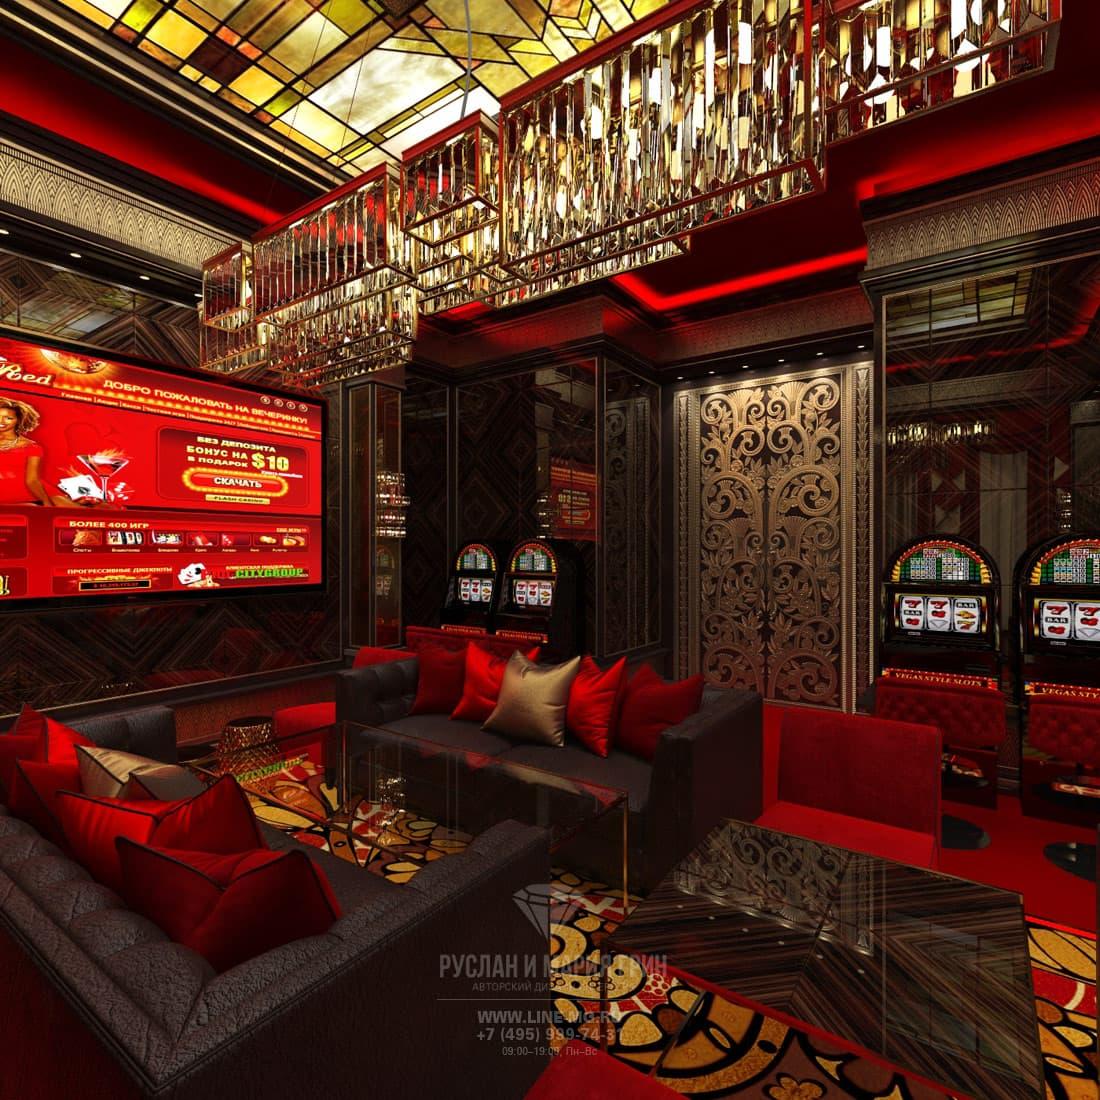 Дизайн-проект интерьера VIP казино в стиле ар-деко. Диванная зона